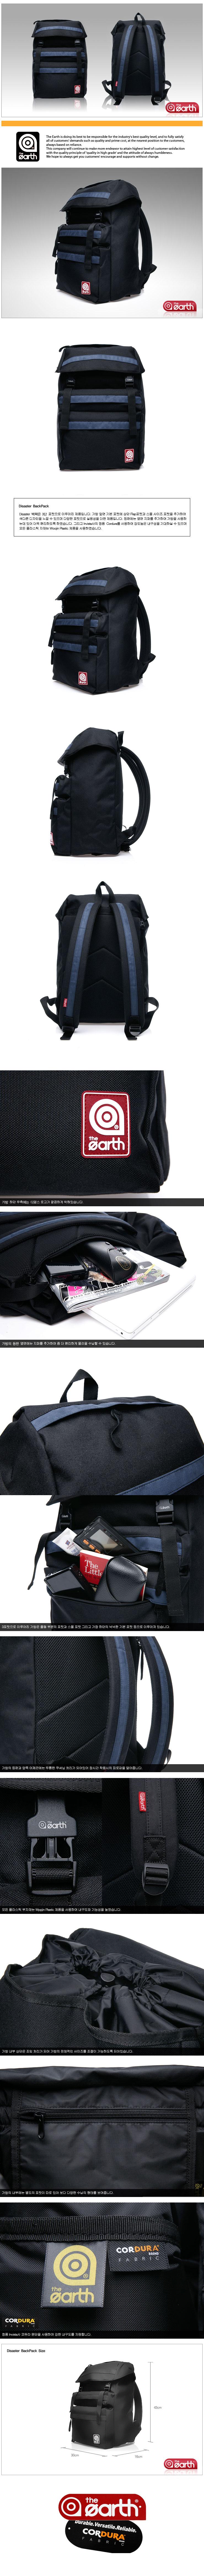 2back-pack-BK-NVY.jpg